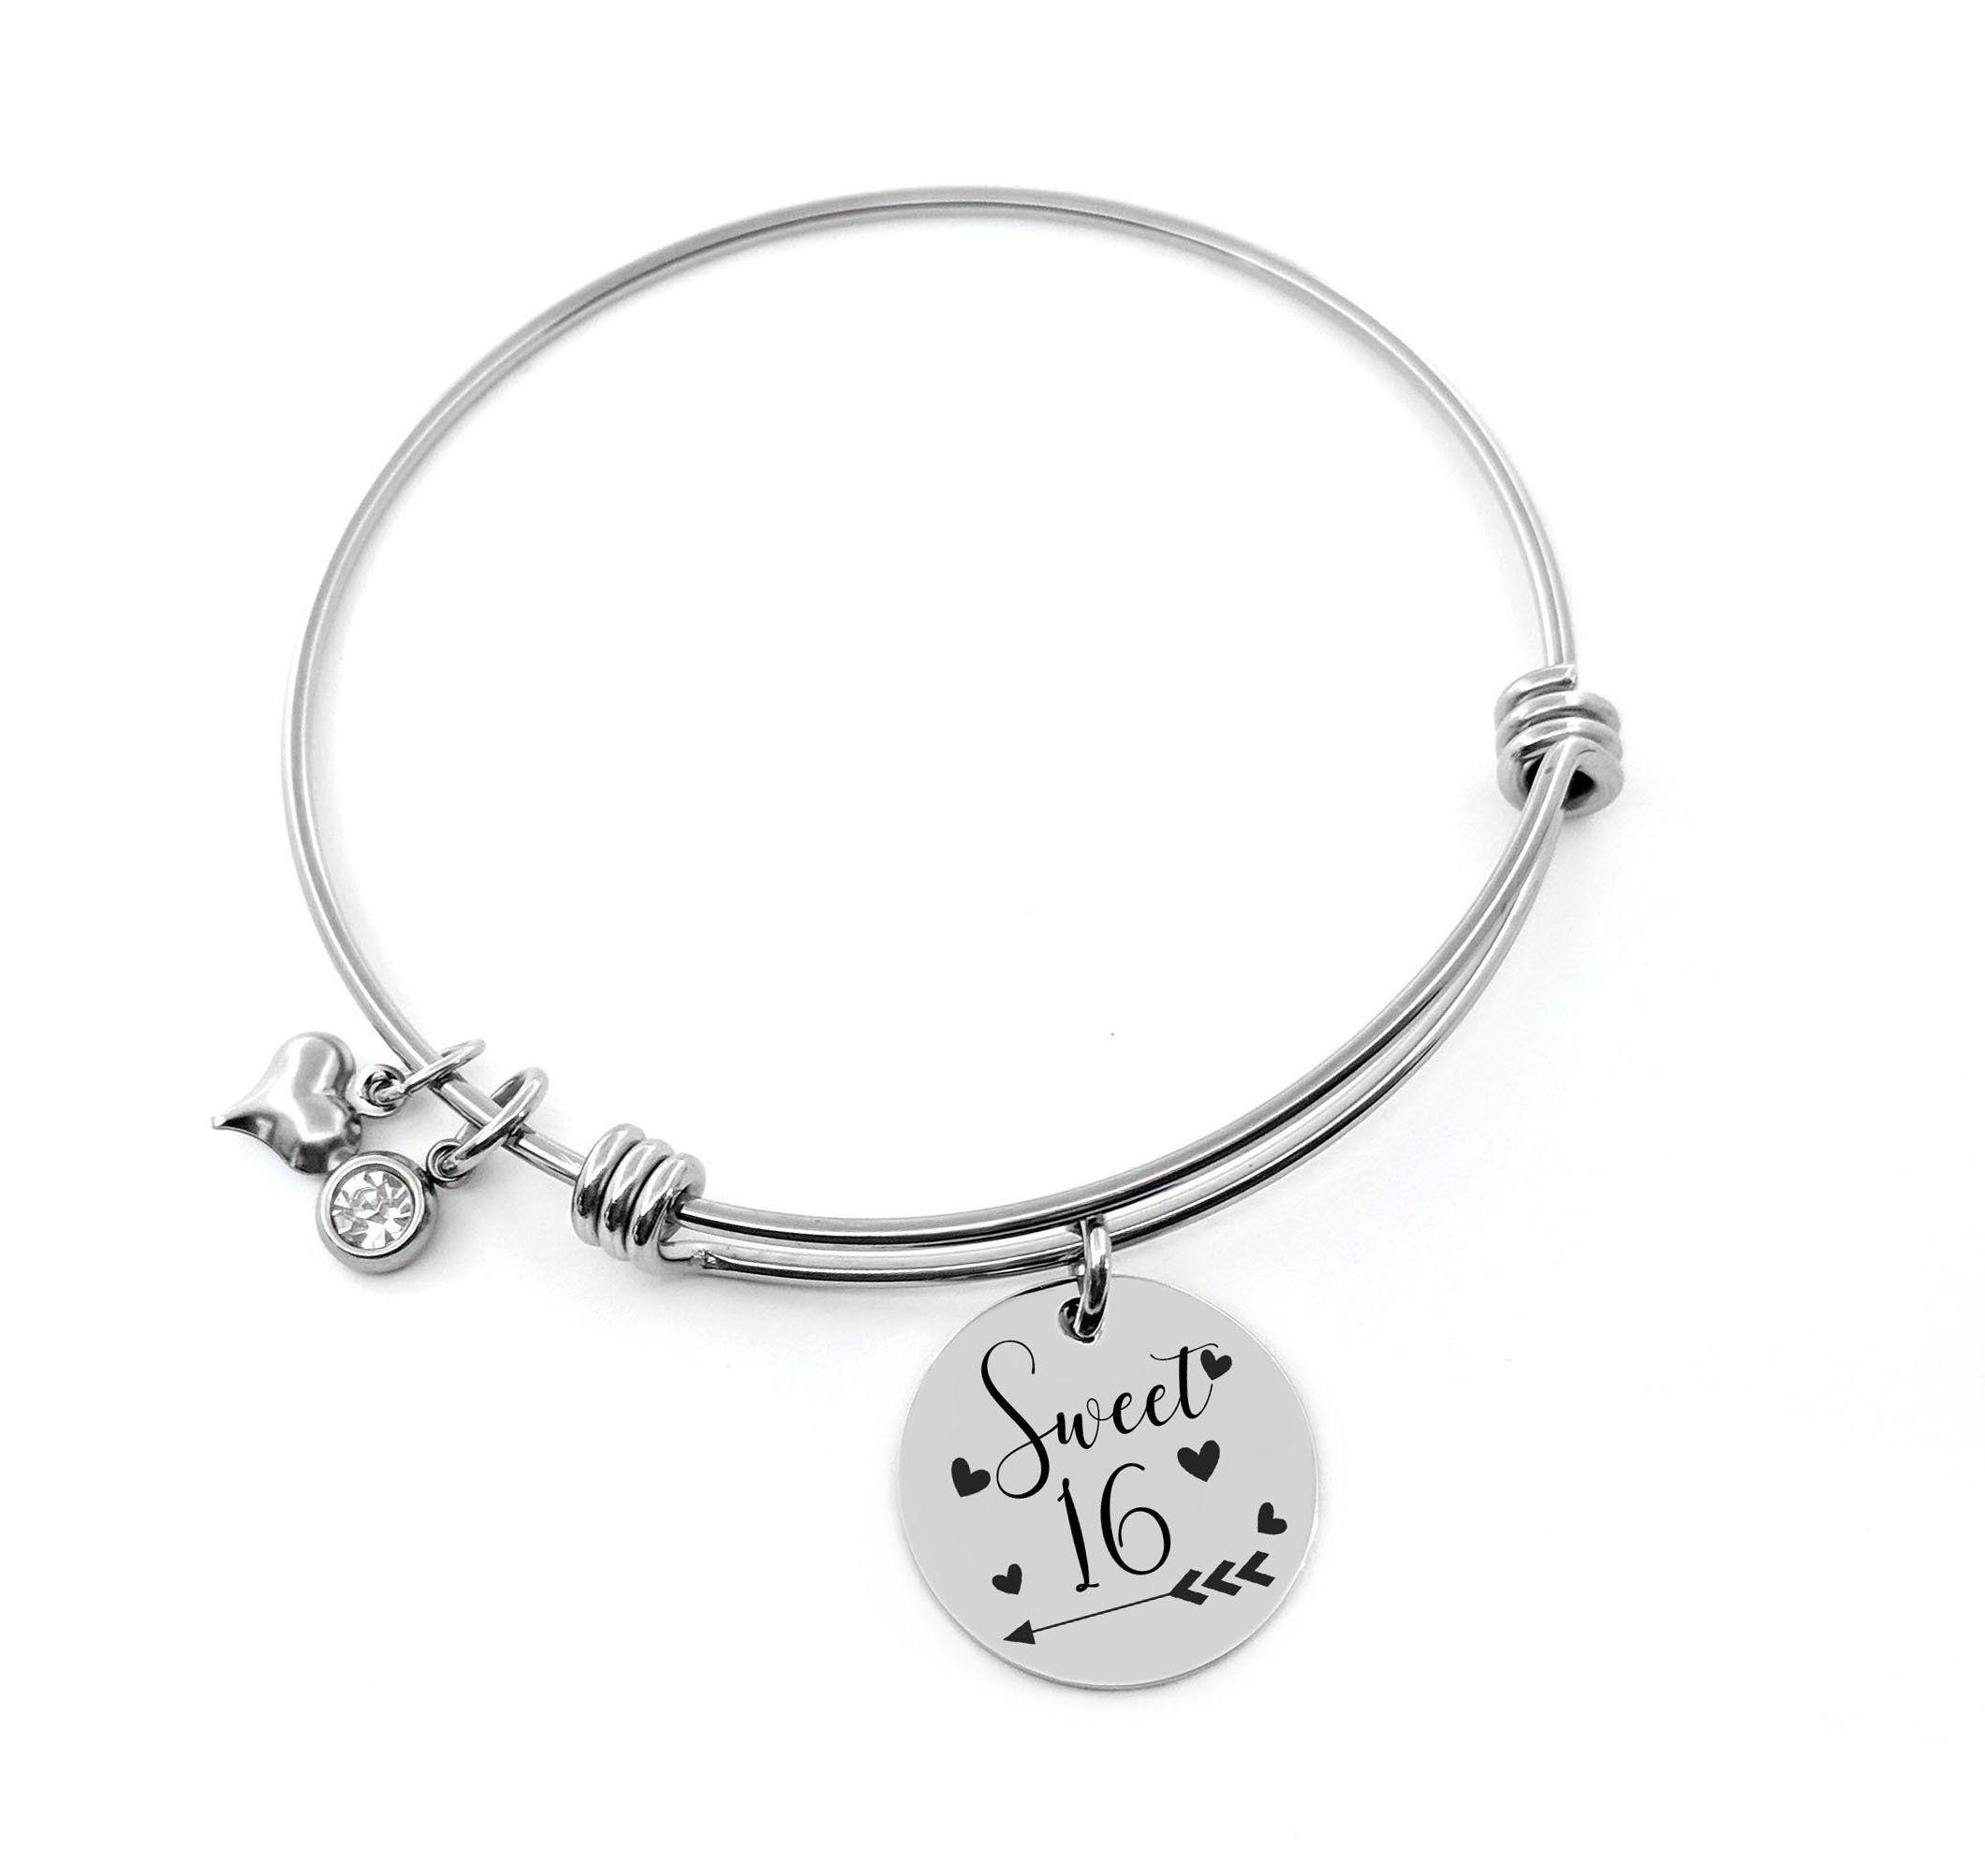 Sweet 16 Bracelet Jewelry Birthday Gift